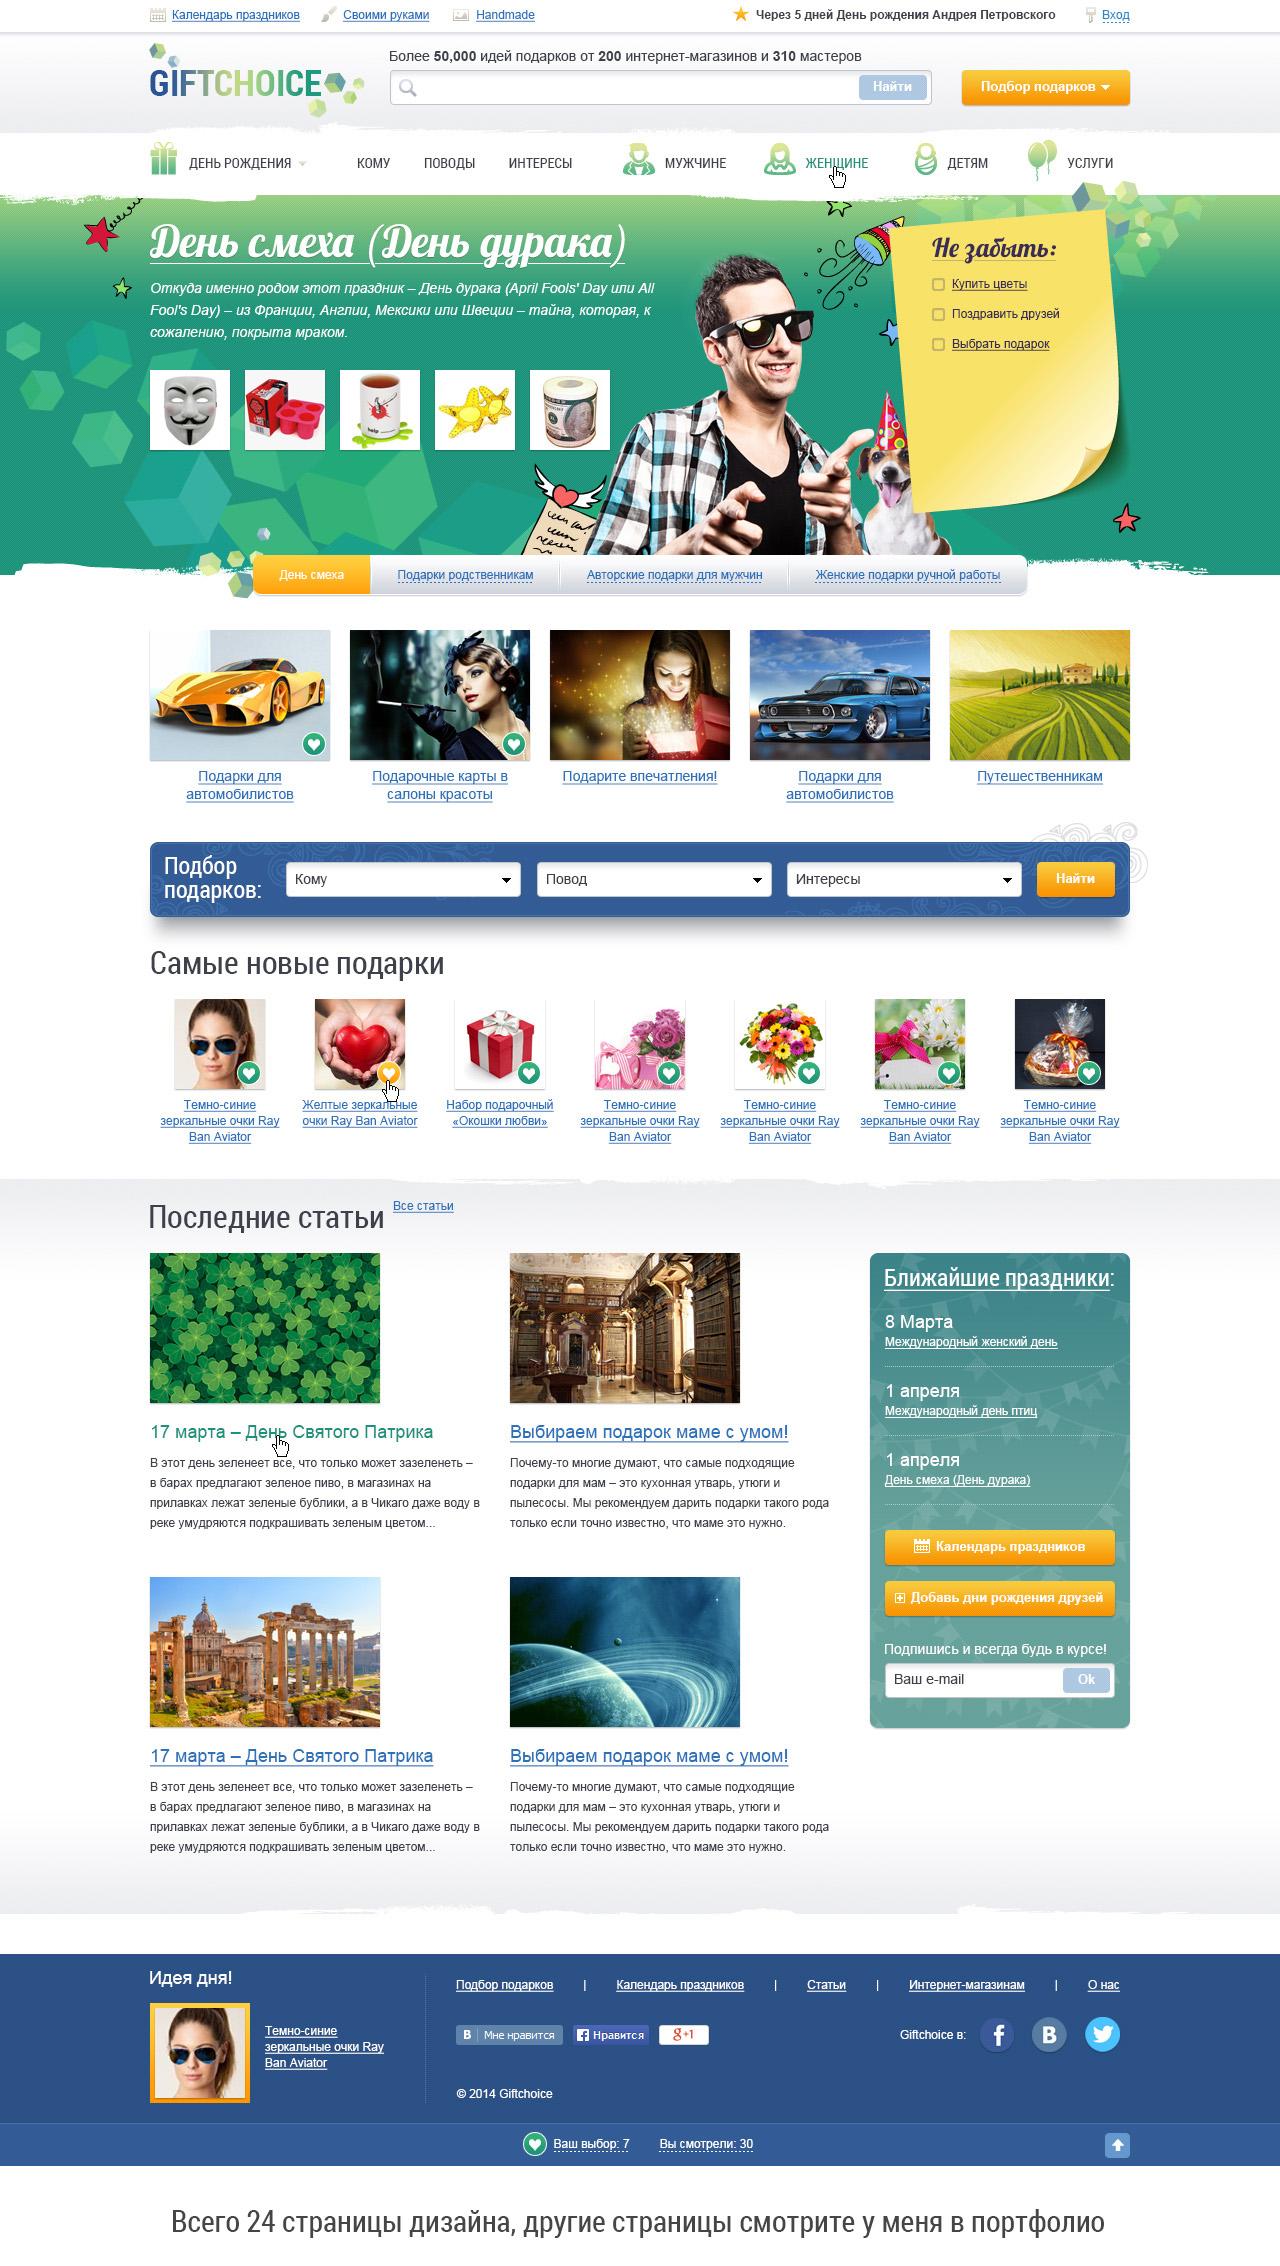 GiftChoice - Сервис-агрегатор сайтов подарков. Главная. Проработка идеи заказчика, прототип, дизайн 24 страниц